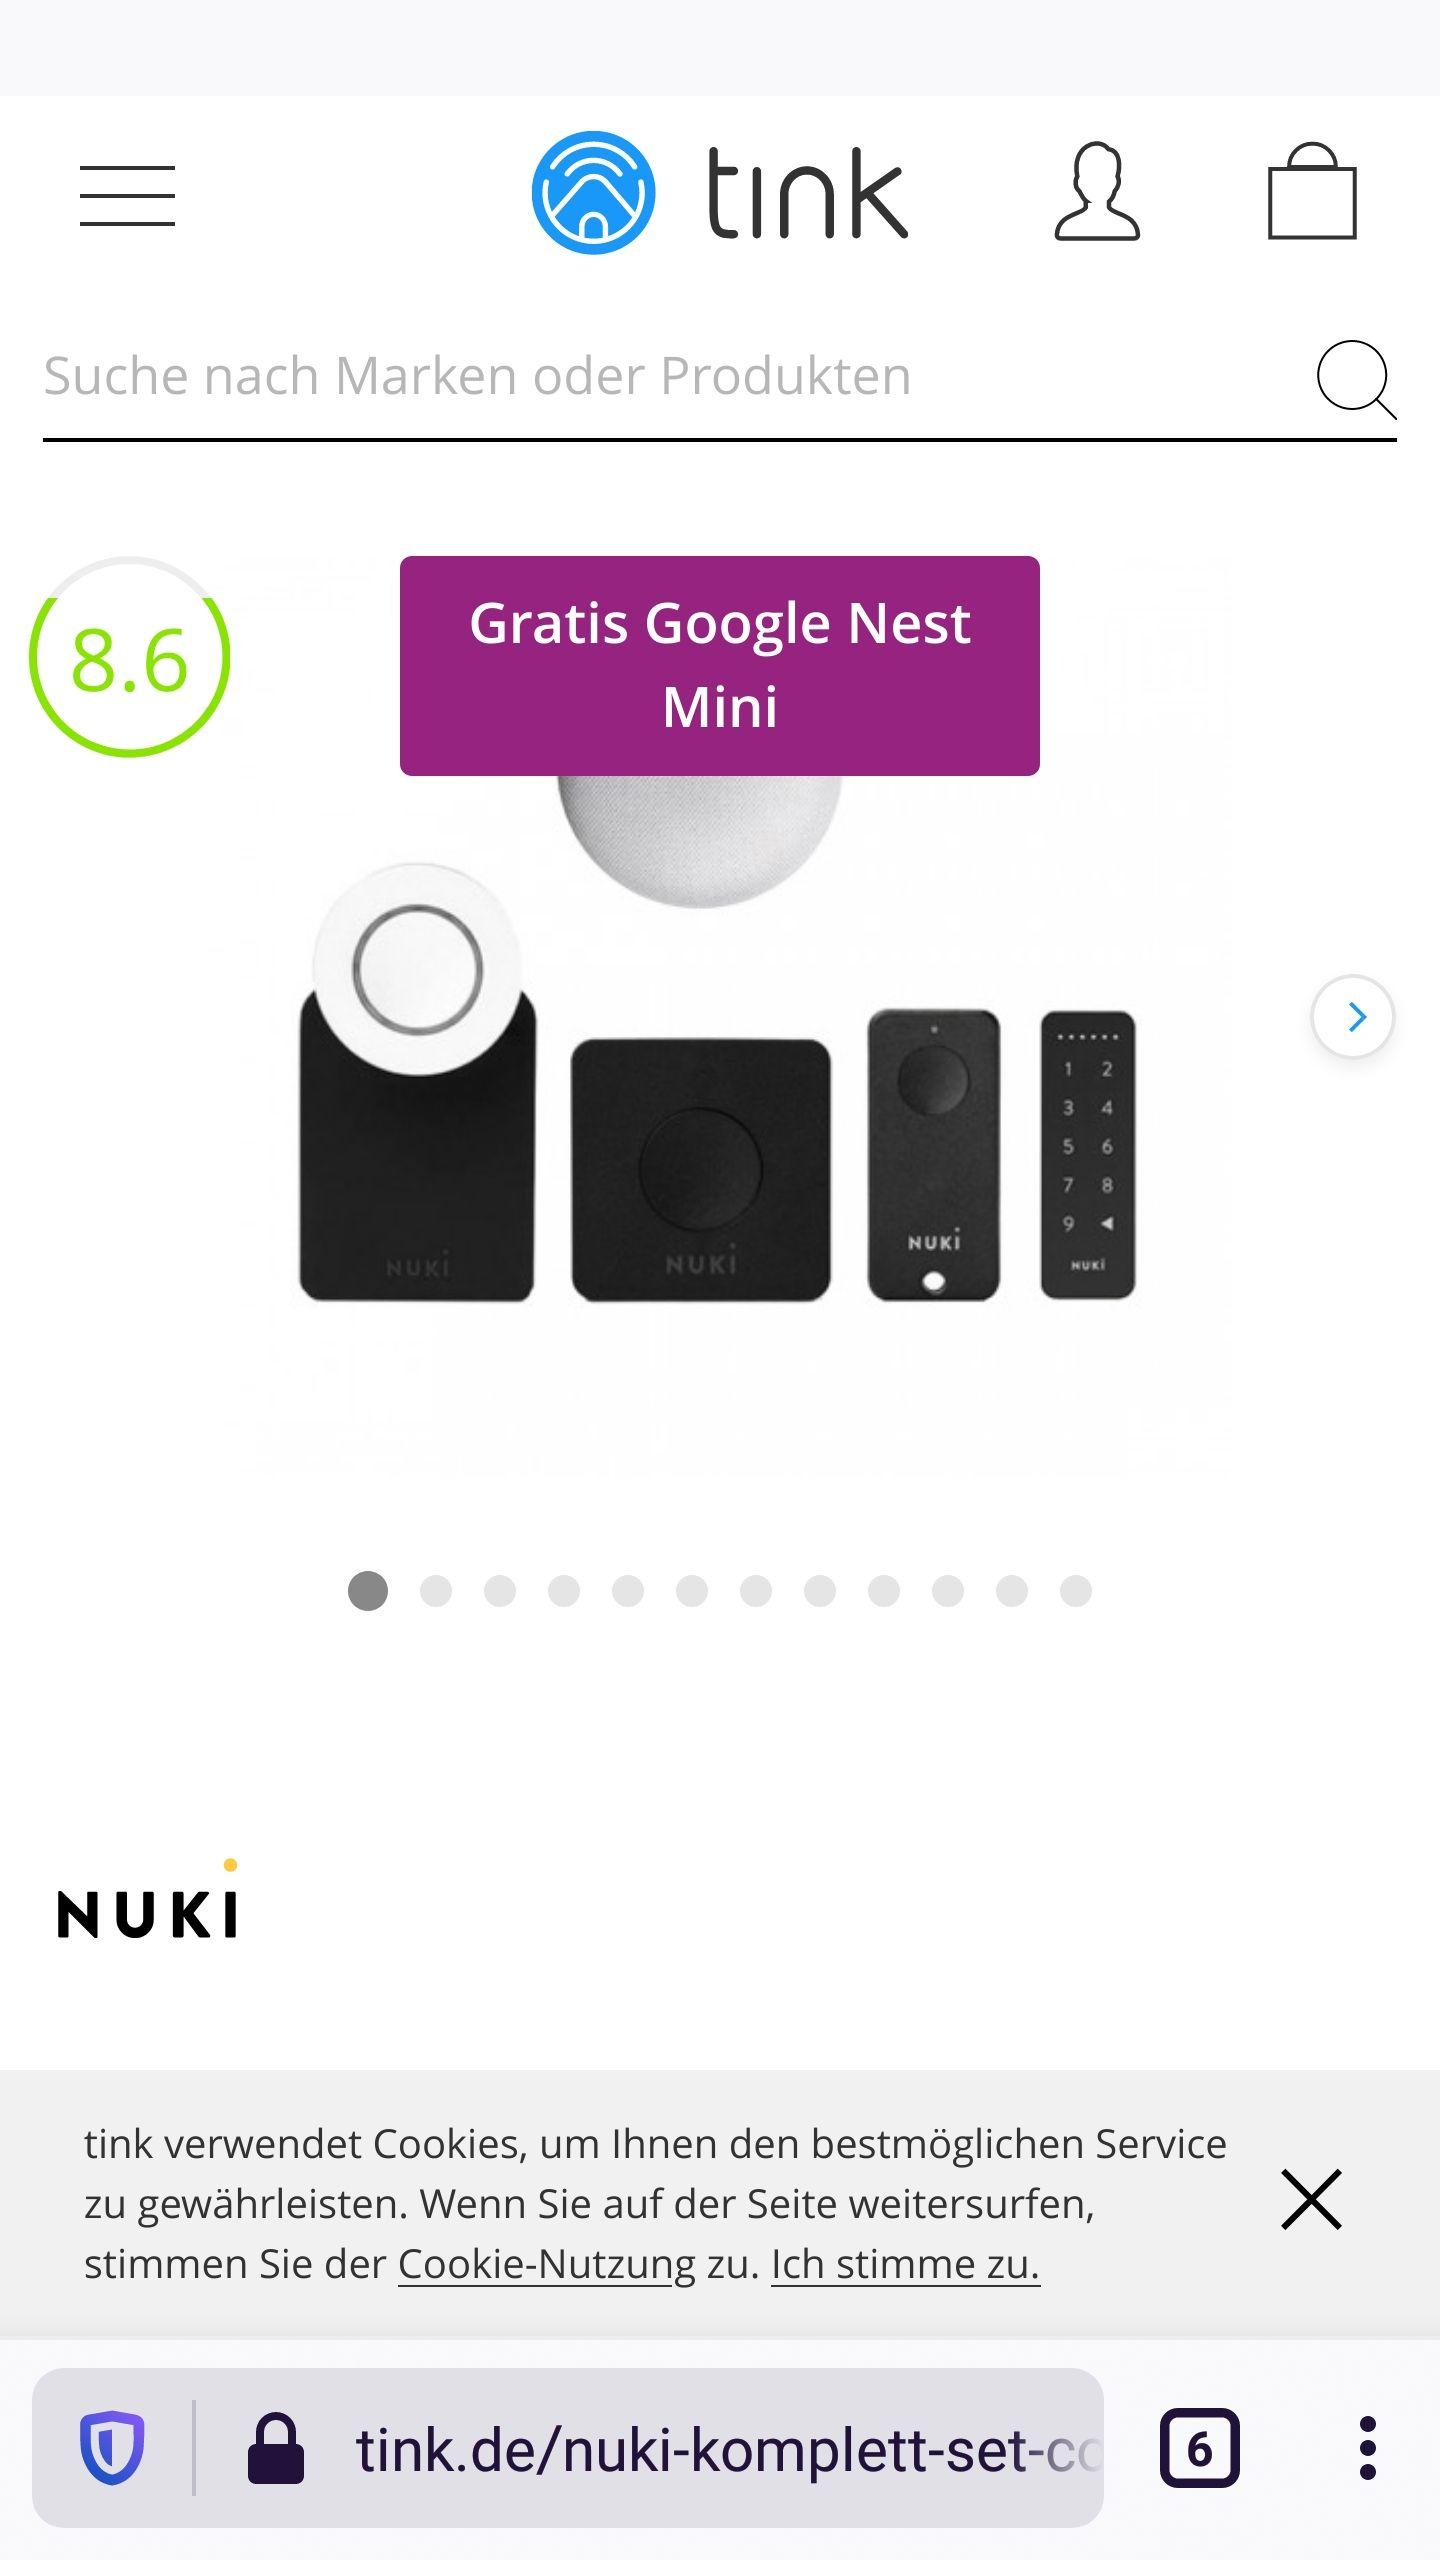 Nuki Komplett Set - Combo 2.0 + gratis Fob + Keypad + gratis Google Nest Mini 304€ mit Newslettergutschein